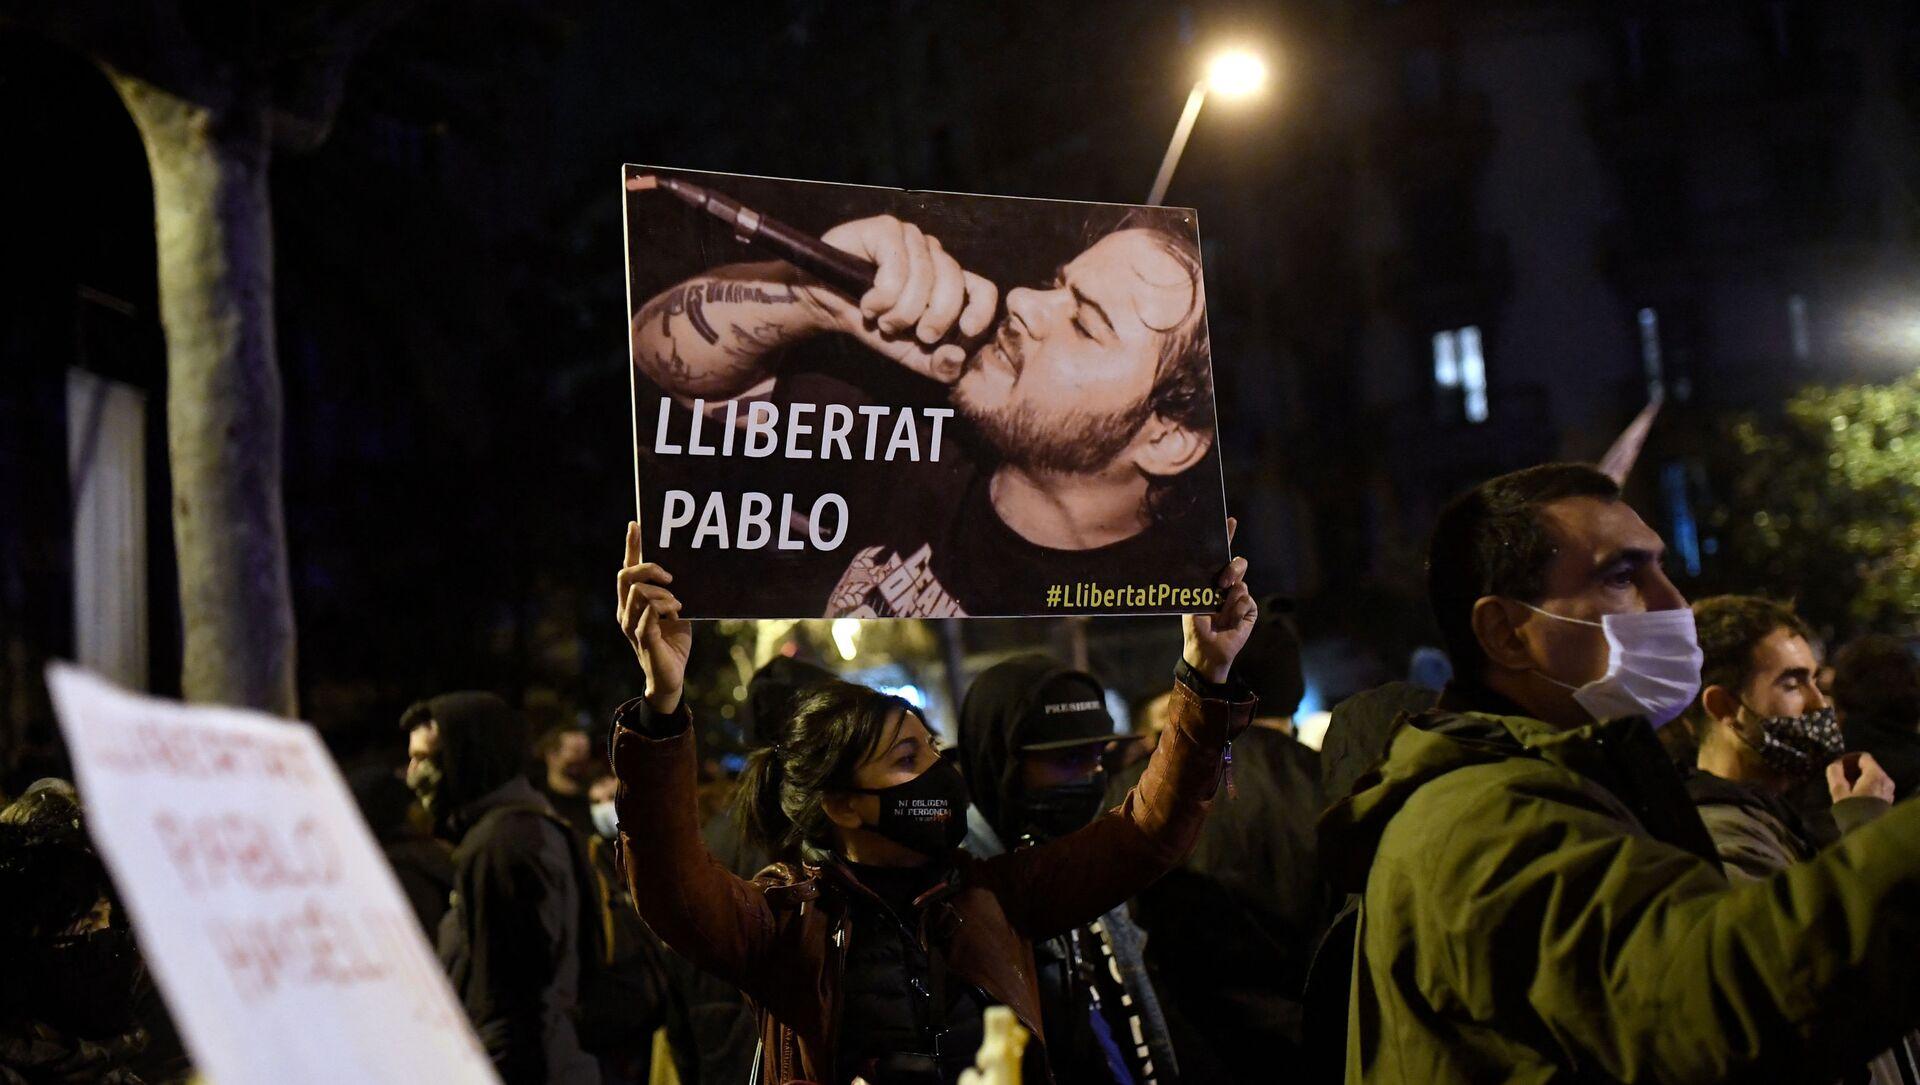 Демонстрация с требованием освободить музыканта Пабло Аселя в Барселоне - Sputnik Узбекистан, 1920, 16.02.2021